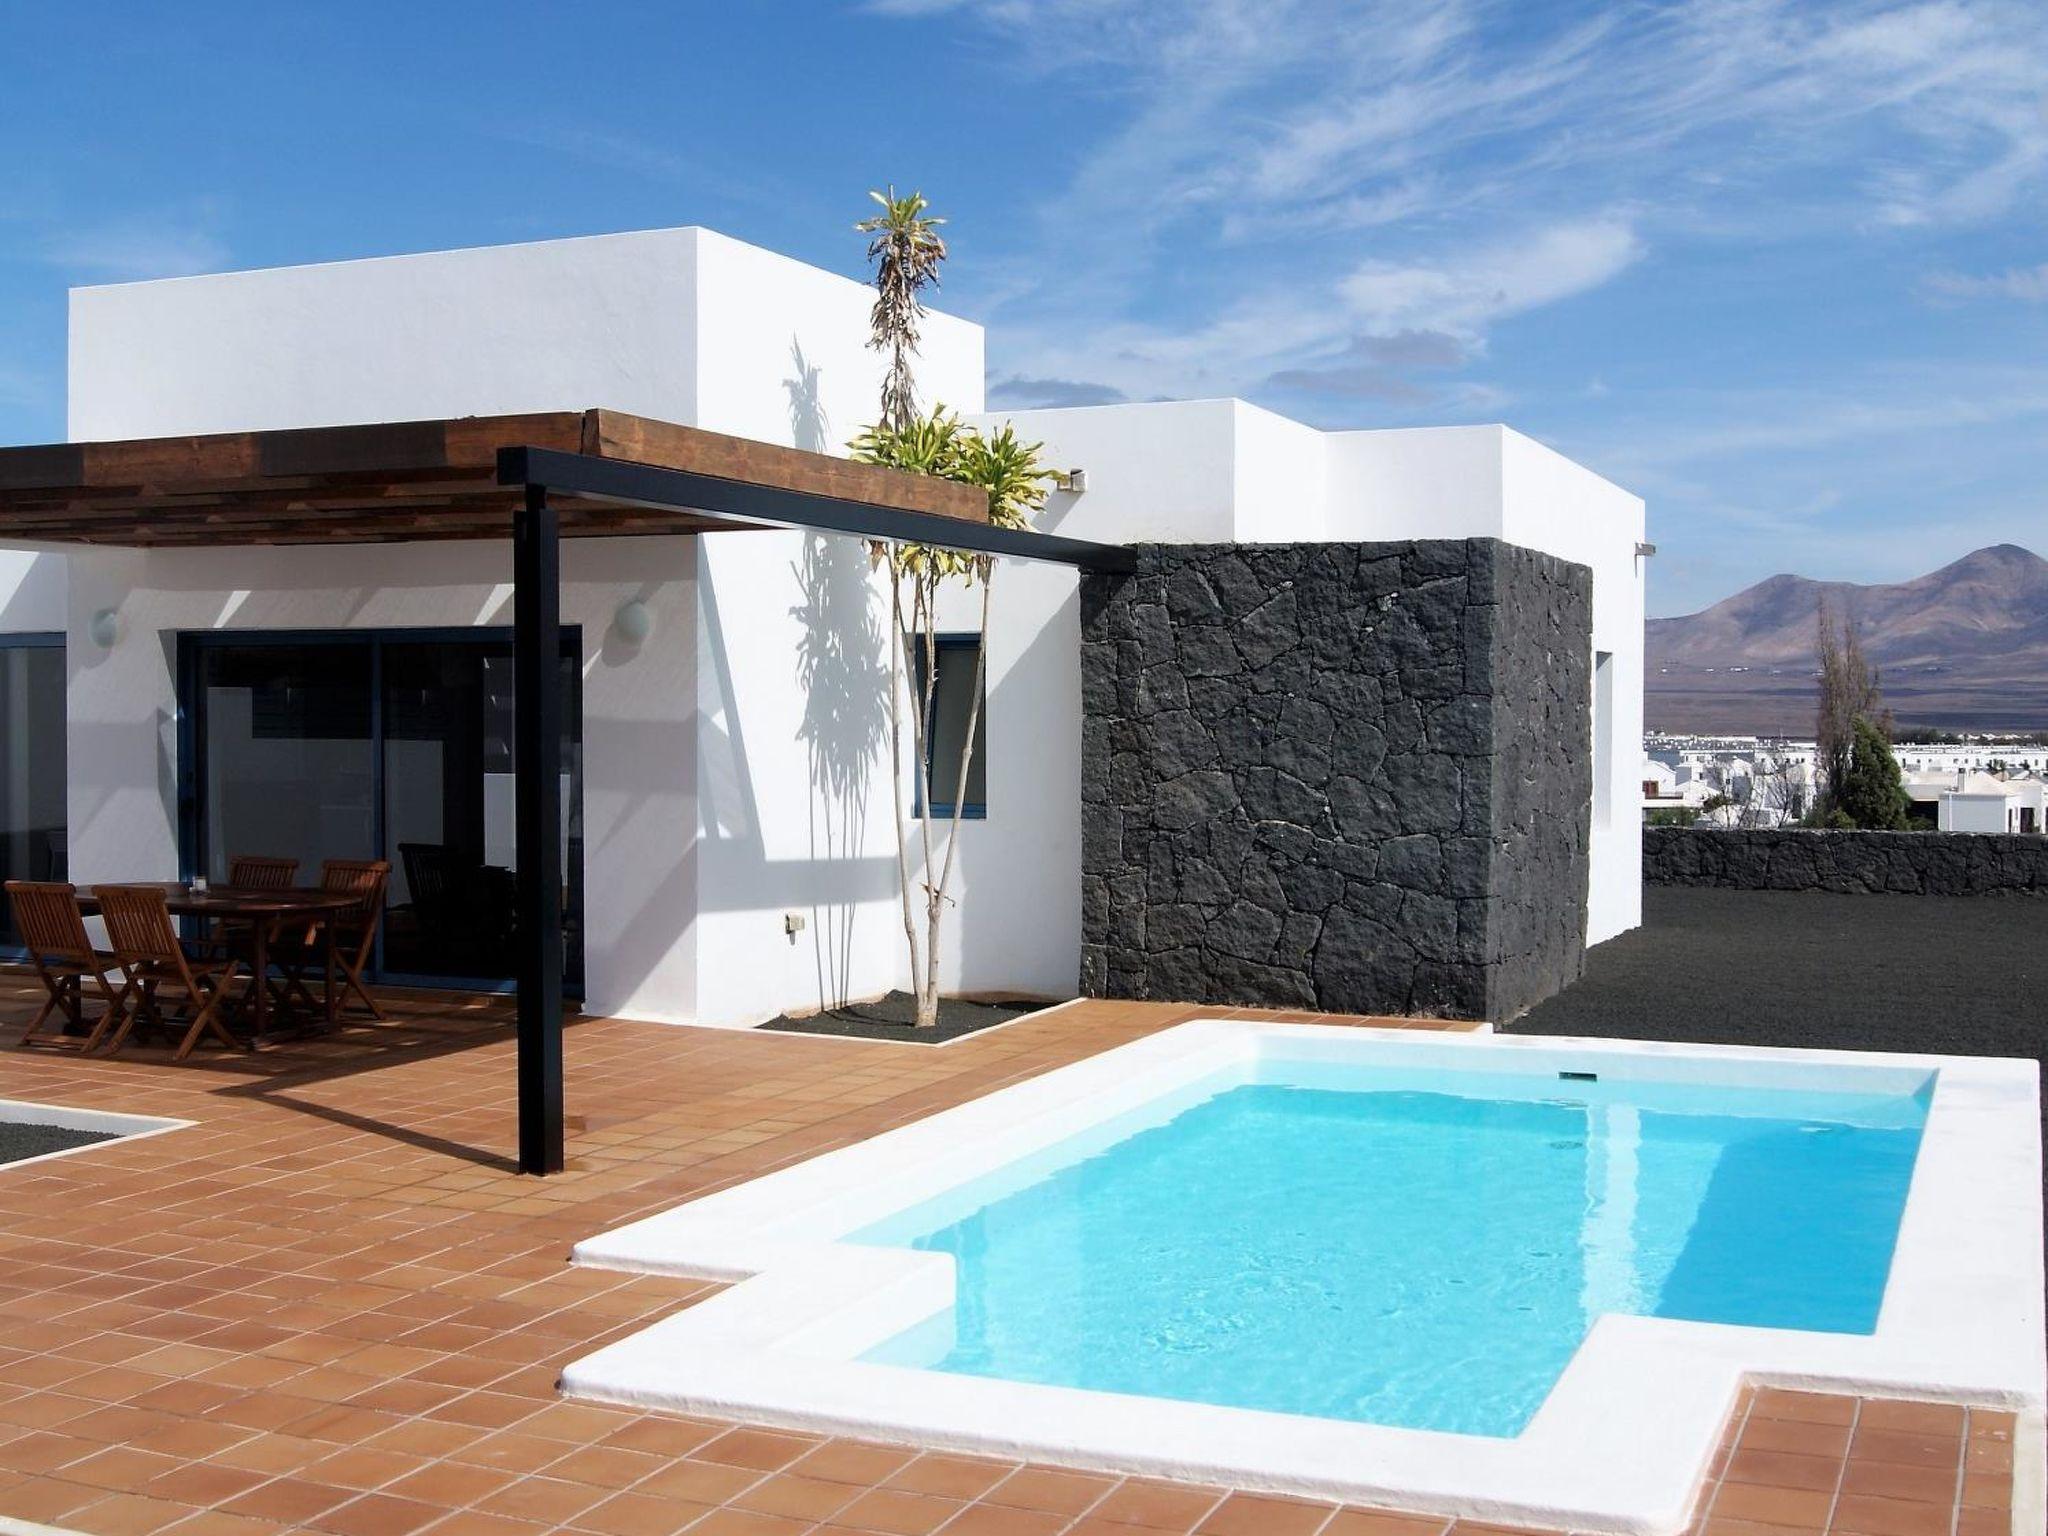 Location villa playa blanca lanzarote maison espagne carneola for Location villa lanzarote avec piscine